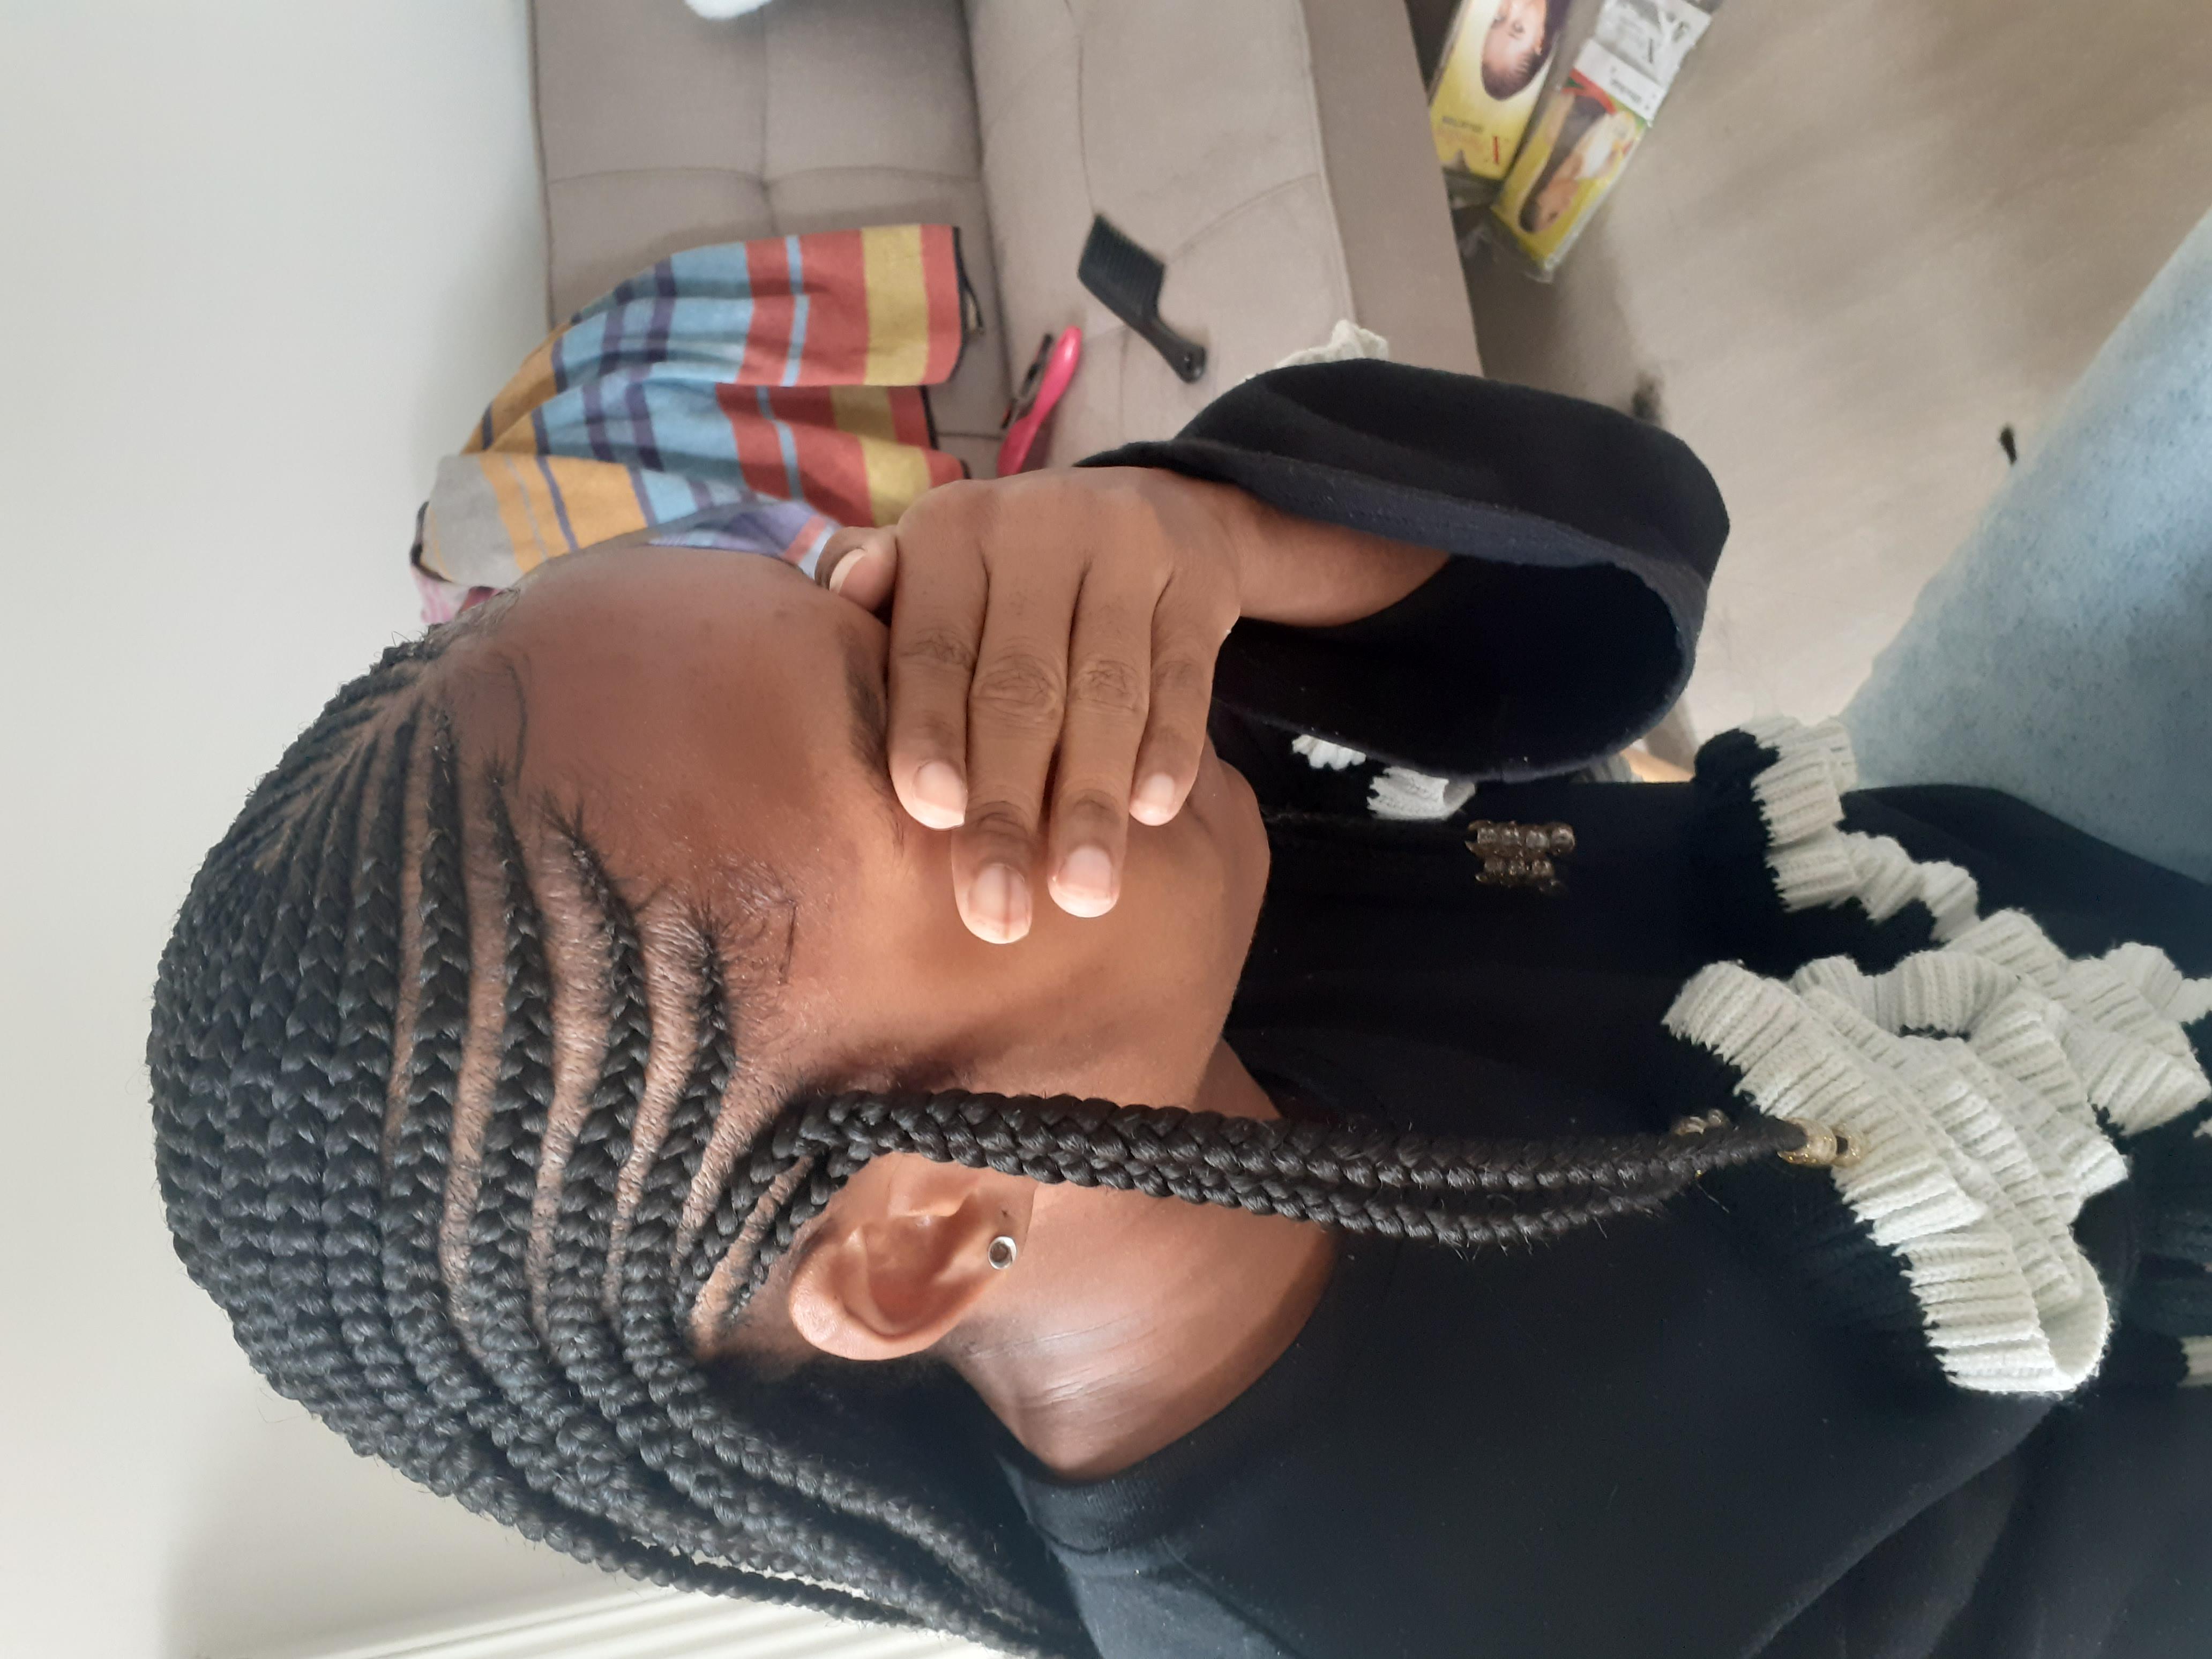 salon de coiffure afro tresse tresses box braids crochet braids vanilles tissages paris 75 77 78 91 92 93 94 95 QGPKTORL